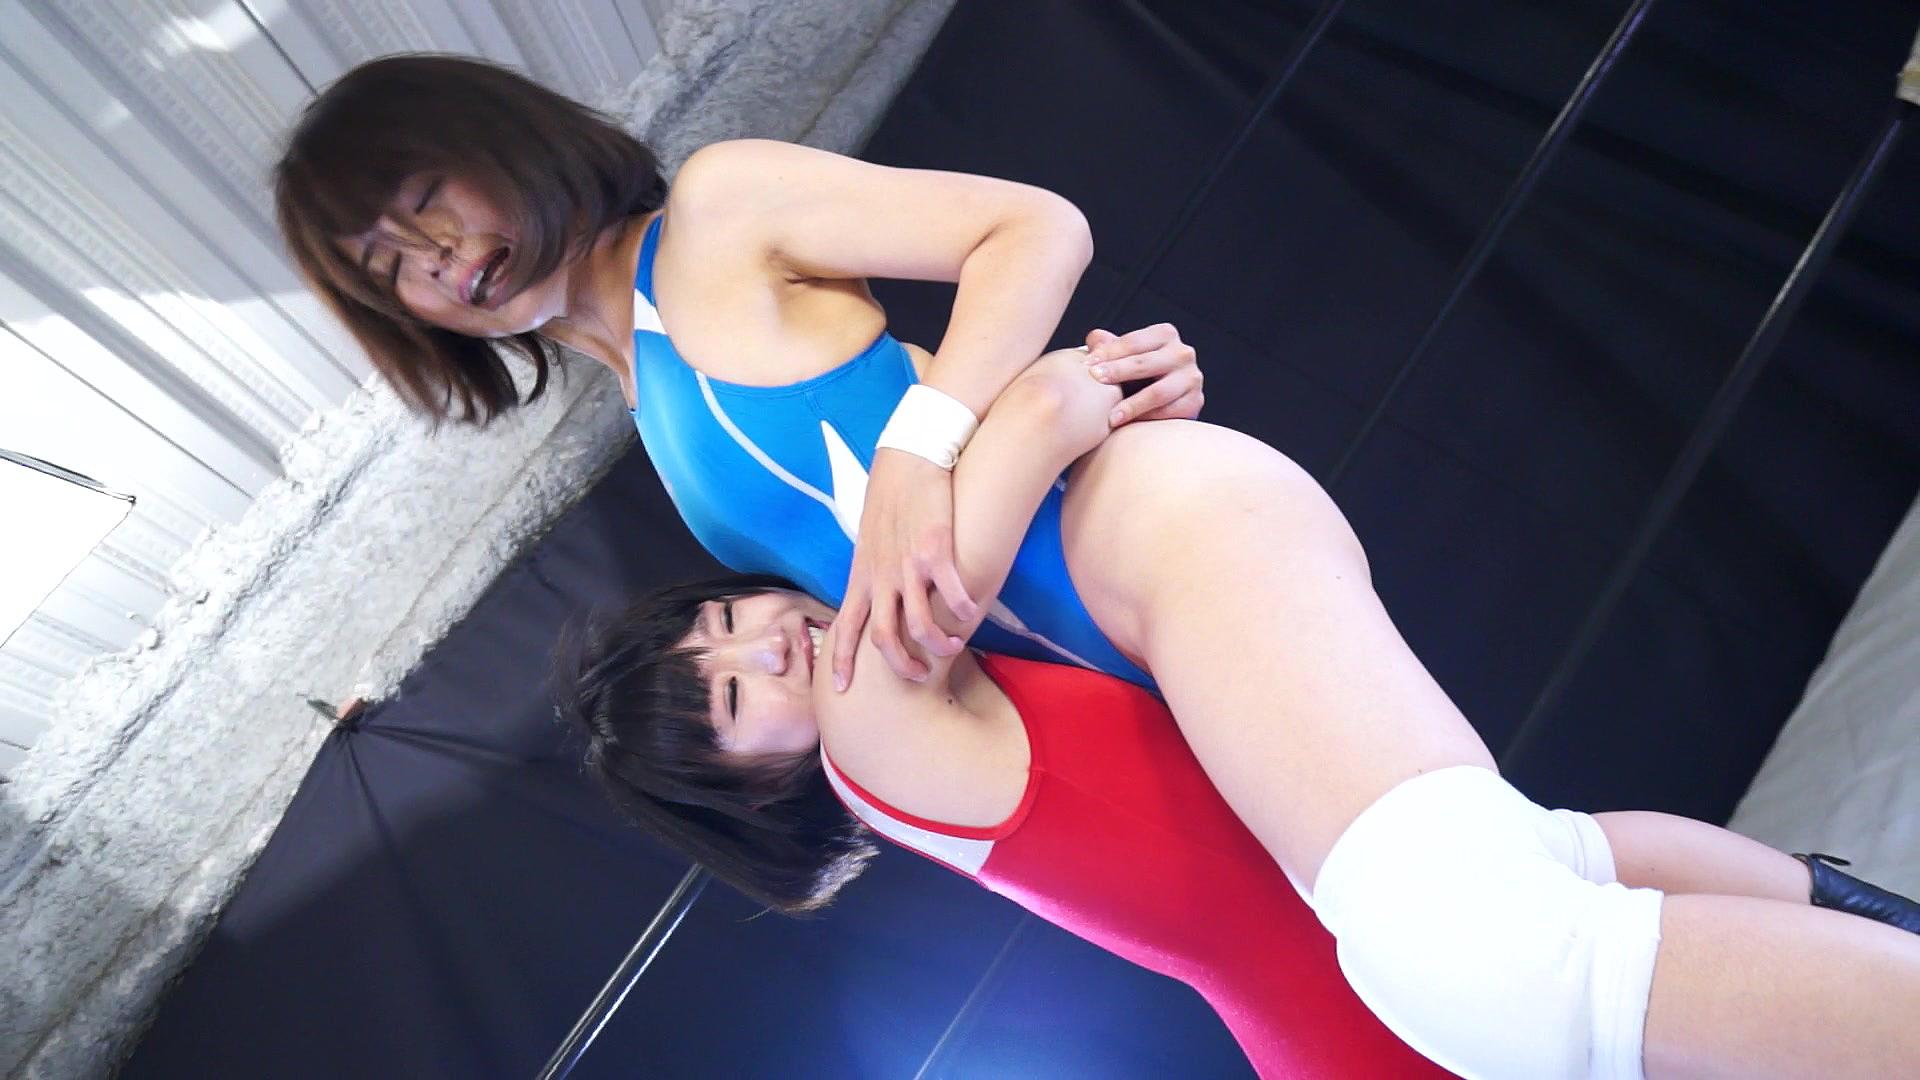 キャットファイト 女子プロレス  さくらここる 椎名ゆうき 新人レスラー 反則攻撃